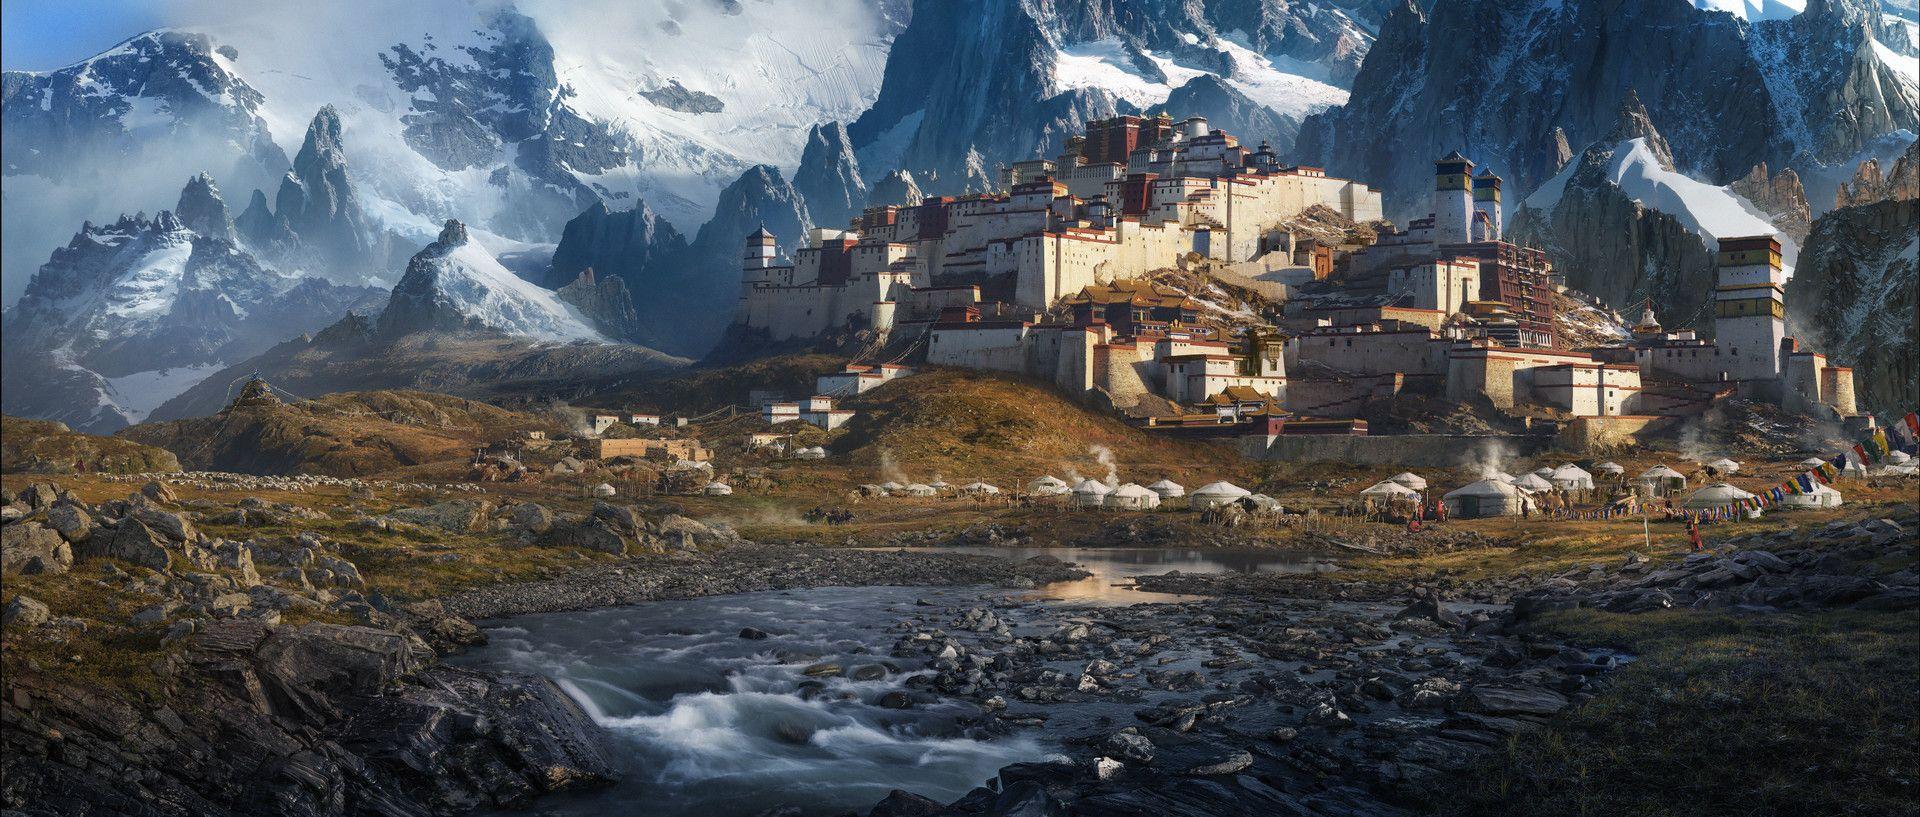 dmitry-zaviyalov-tibetian-monastery.jpg (1920×817)